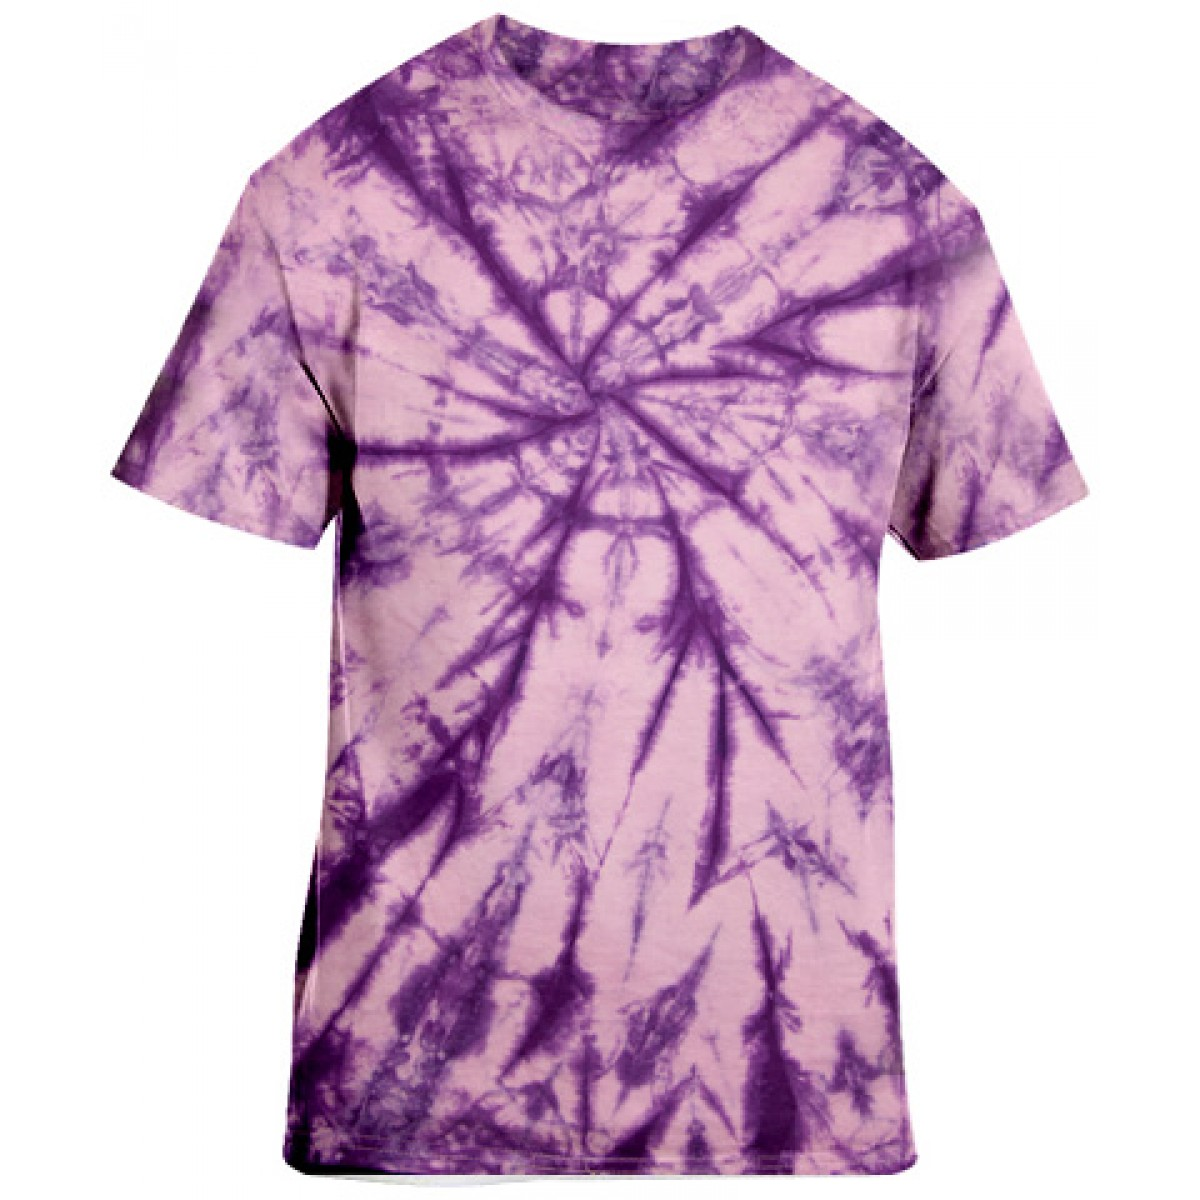 Tie-Dye Purple Short Sleeve-Purple-S